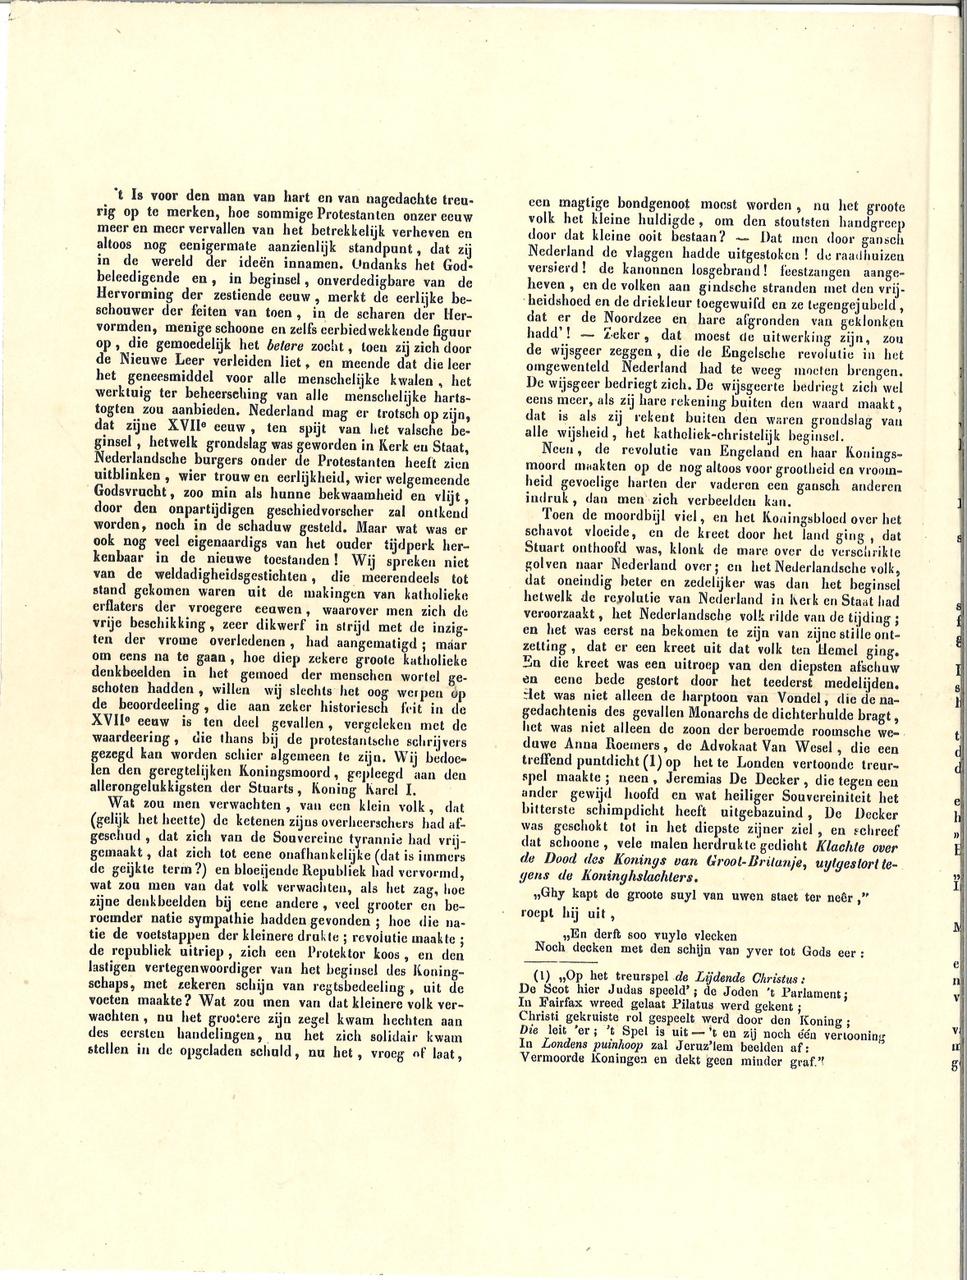 Artikel over protestantisme, zonder titel